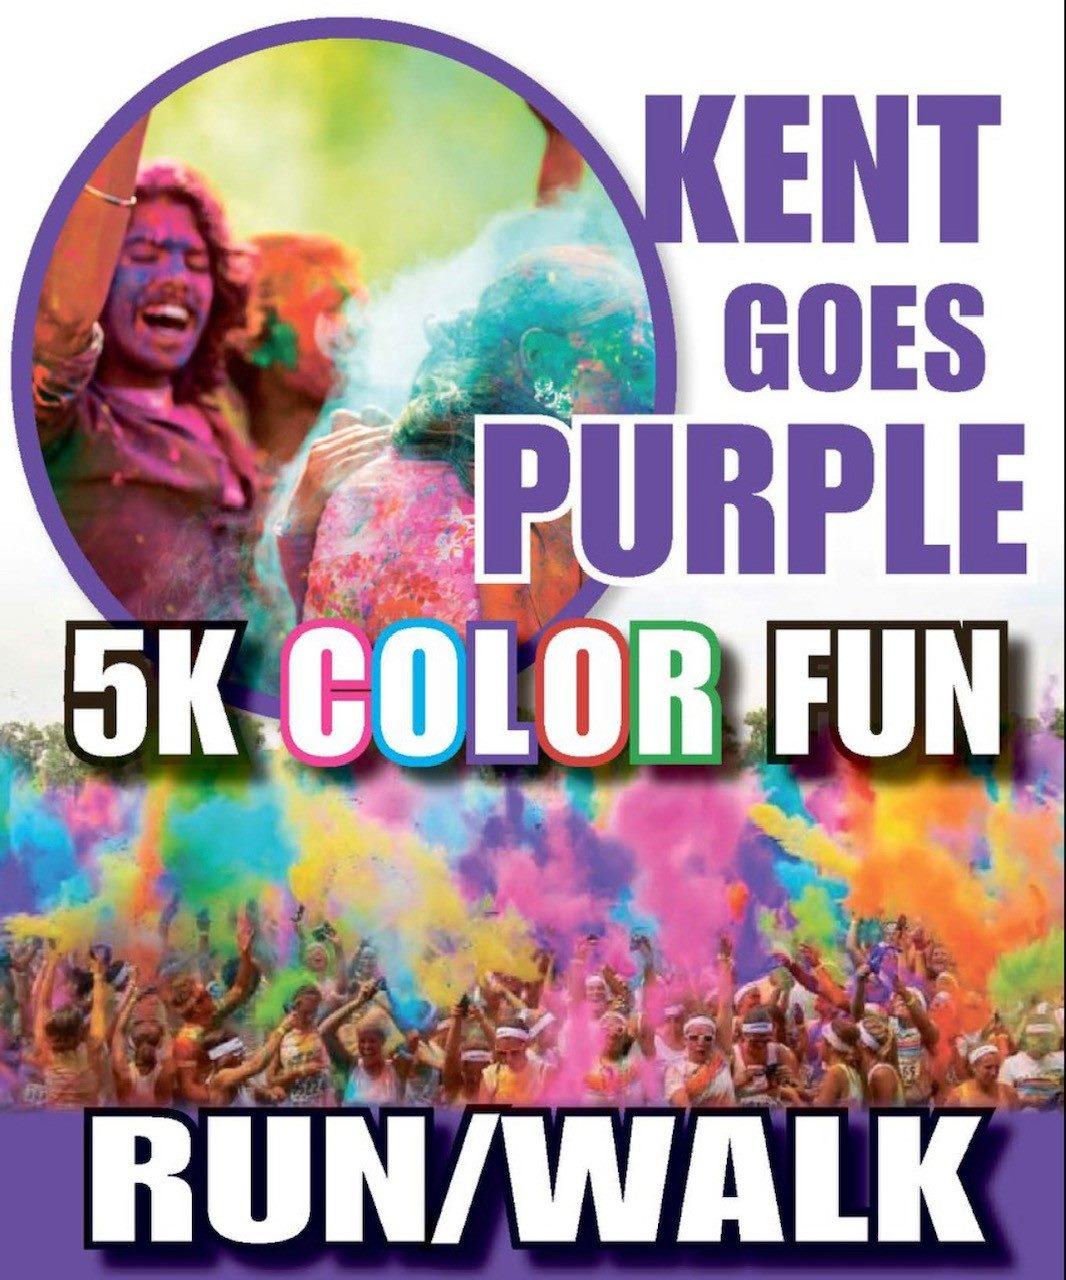 5K Color Fun Run/Walk